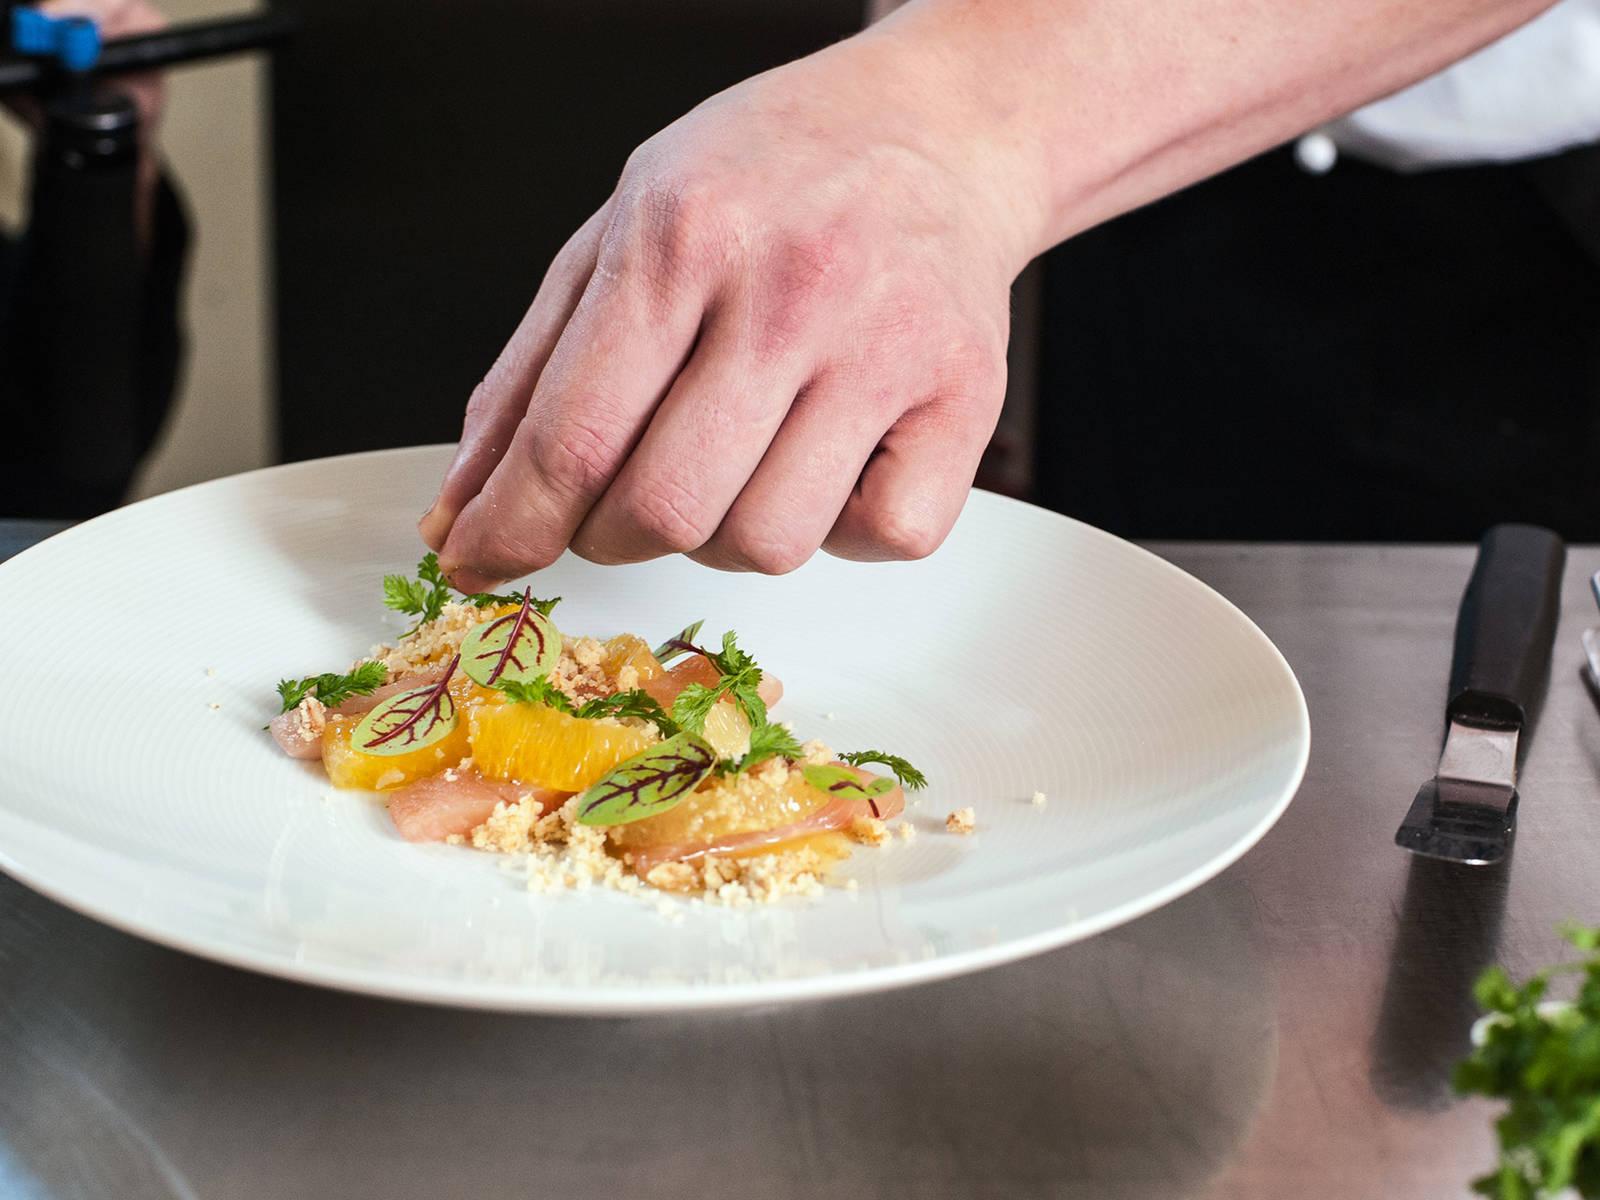 Fisch in mundgerechte Stücke schneiden und ca. 3 Stücke, abwechselnd mit Zitrusfilets, auf einem Teller anrichten. Mit Walnussstreuseln bestreuen, mit Kerbel und Sauerampfer sowie Rote Bete-Sud dekorieren.